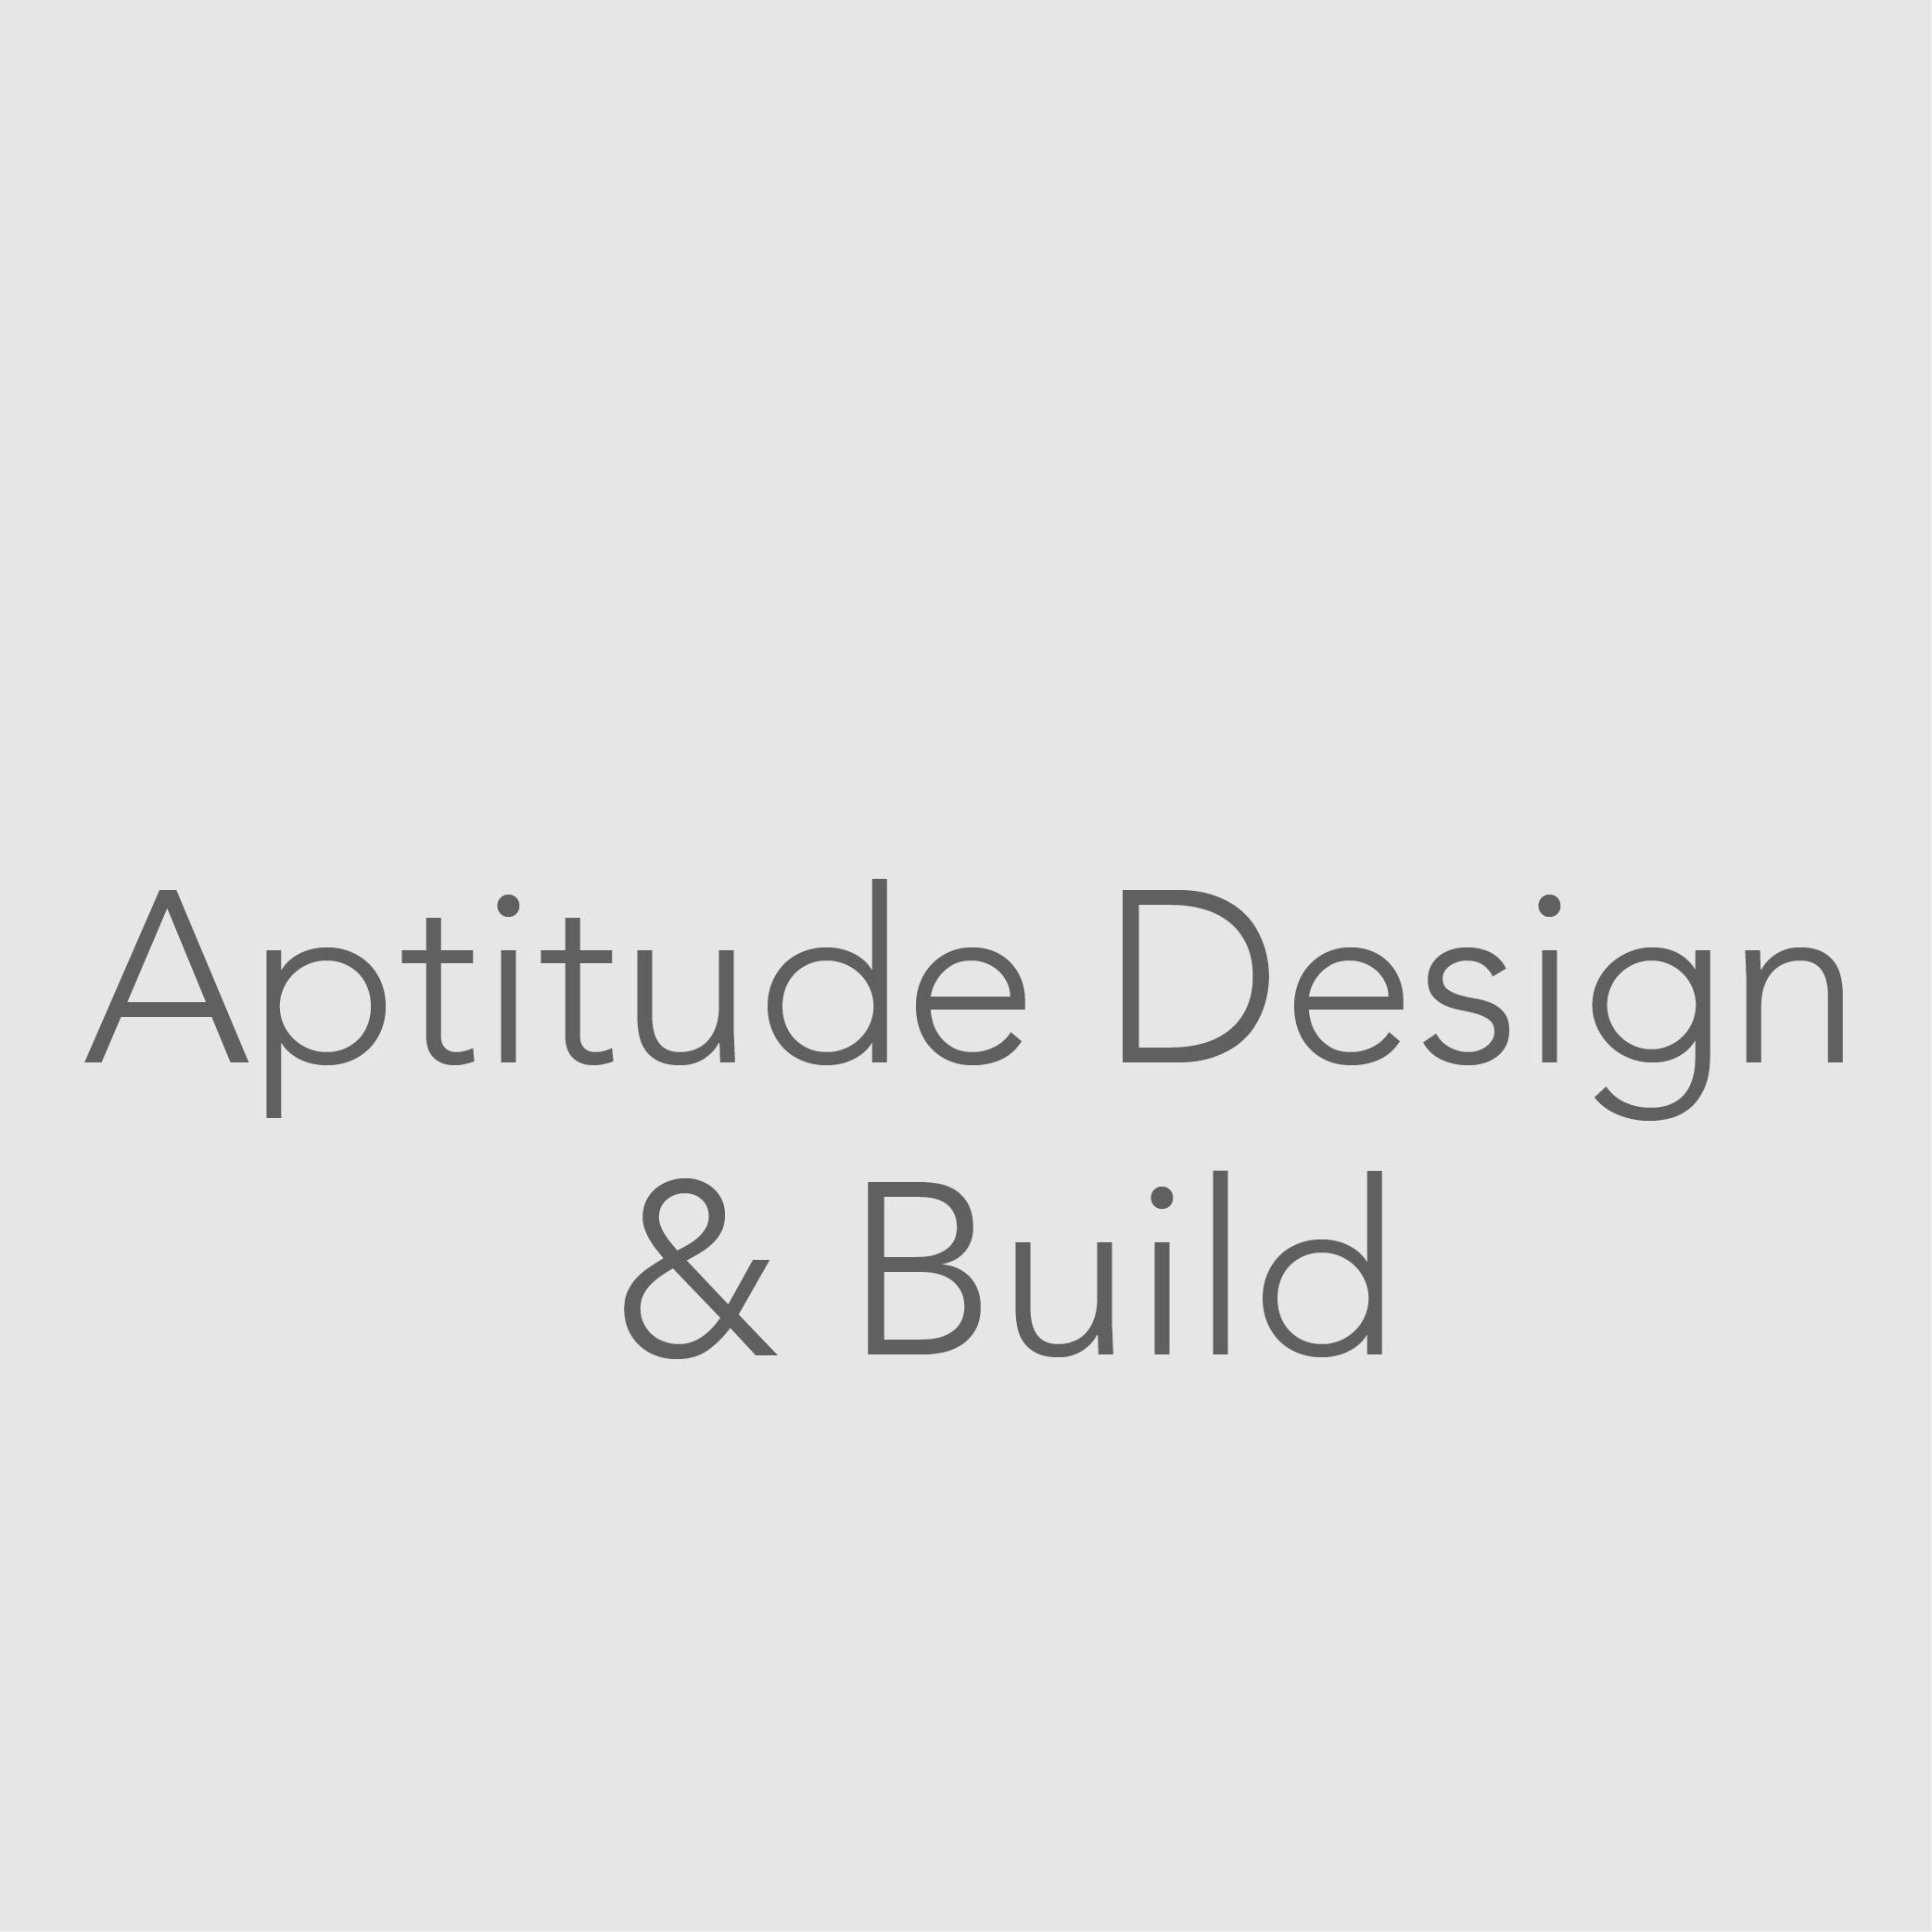 Aptitude Construction, LLC    Matt Mierek    3628 Collingwood Dr    St. Charles, MO 63301-4505    (314) 713-1989    mmierek@aptitudeconstruction.com     http://www.aptitudeconstruction.com     Member Since: 2015